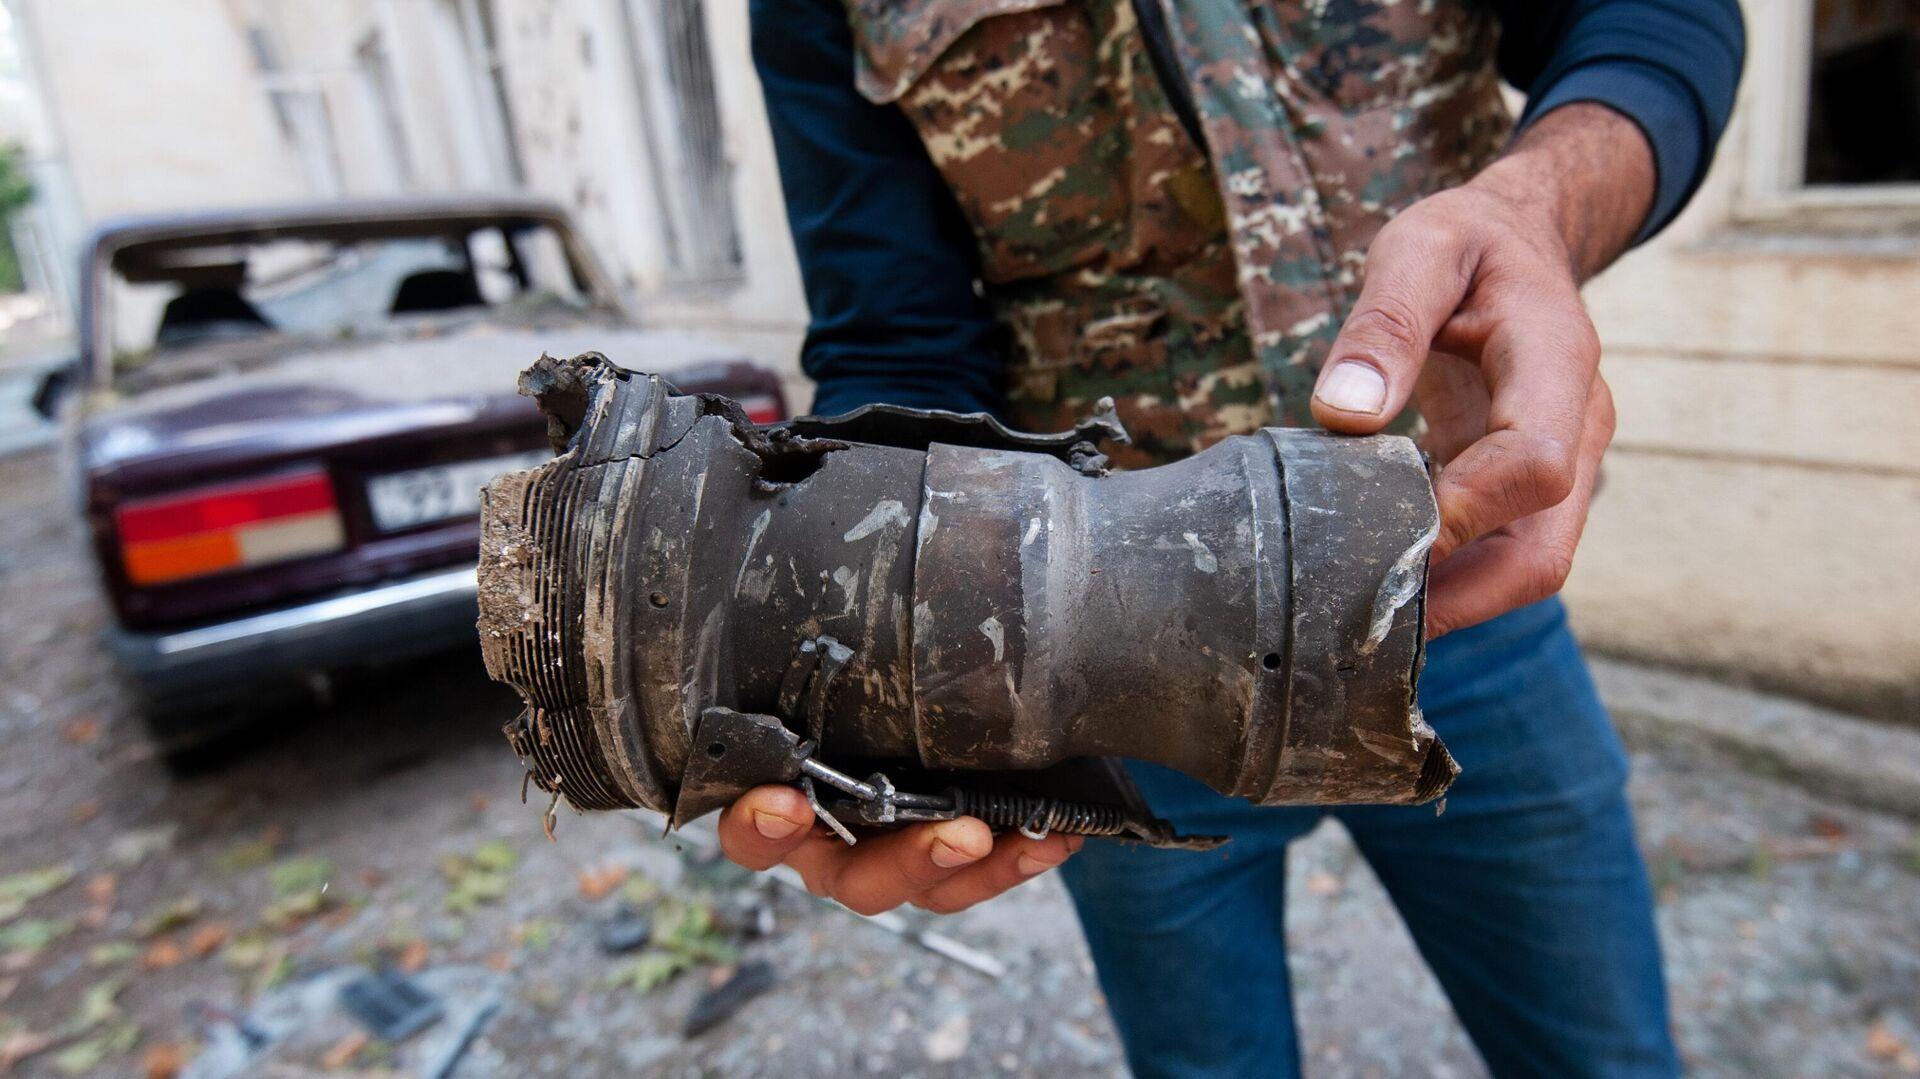 Мужчина держит в руках осколок от разорвавшегося снаряда в результате обстрела на одной из улиц города Мартуни - РИА Новости, 1920, 02.10.2020